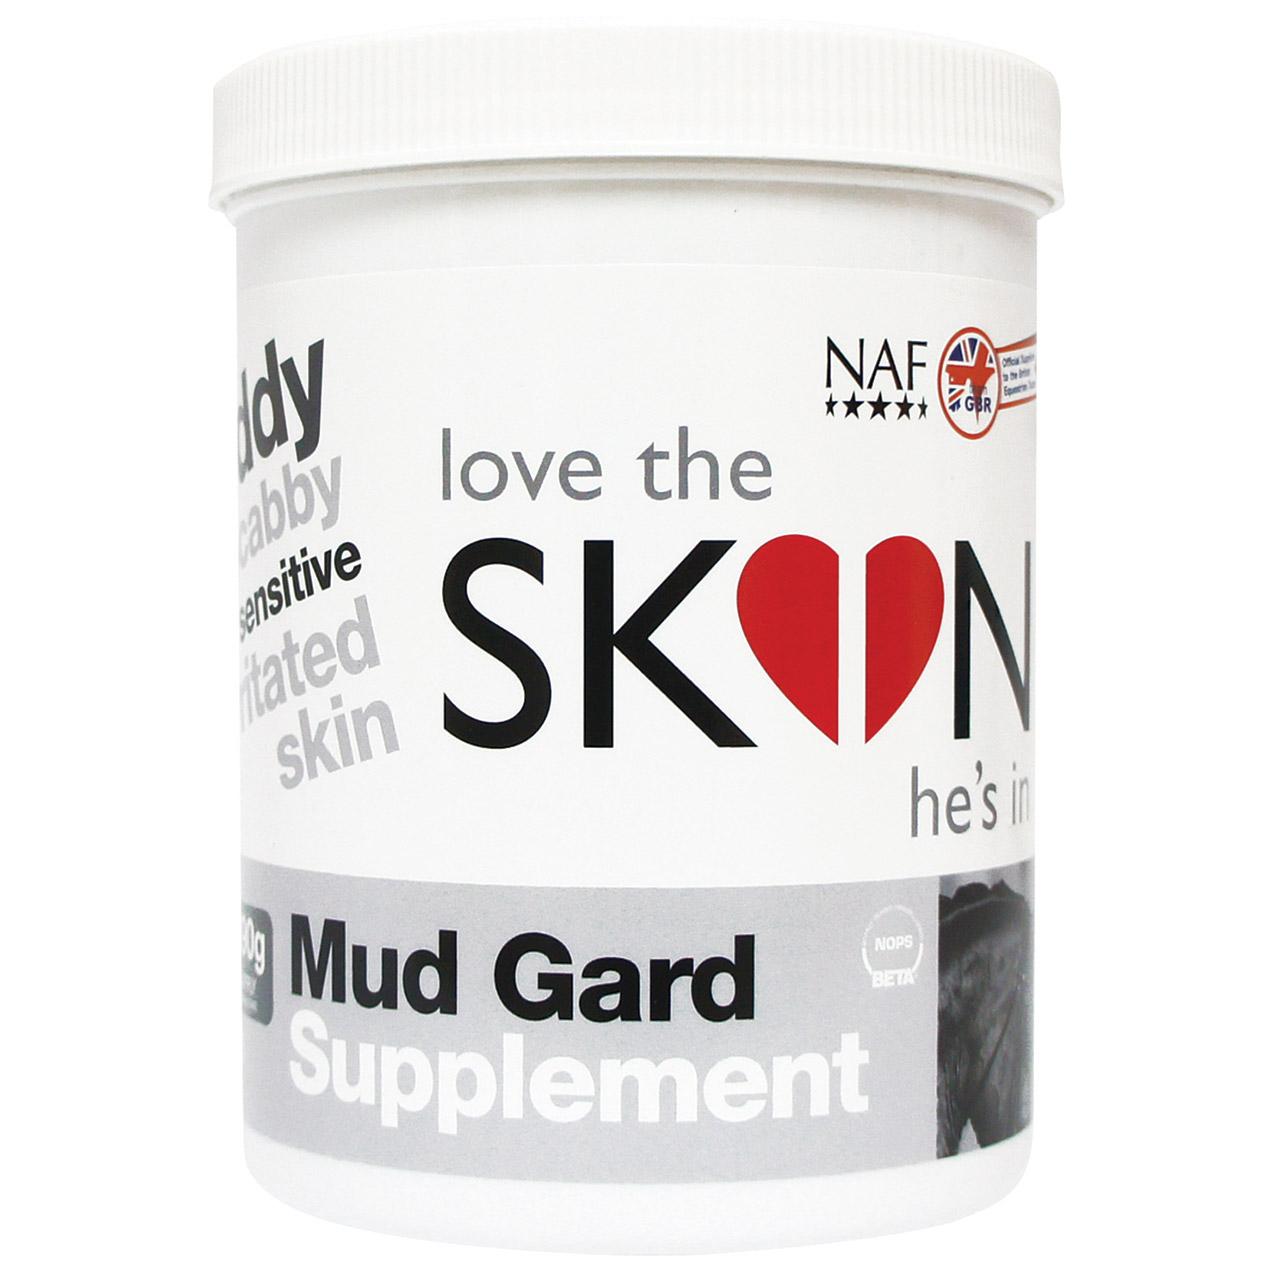 NAF Love The Skin Mud gard Supplement